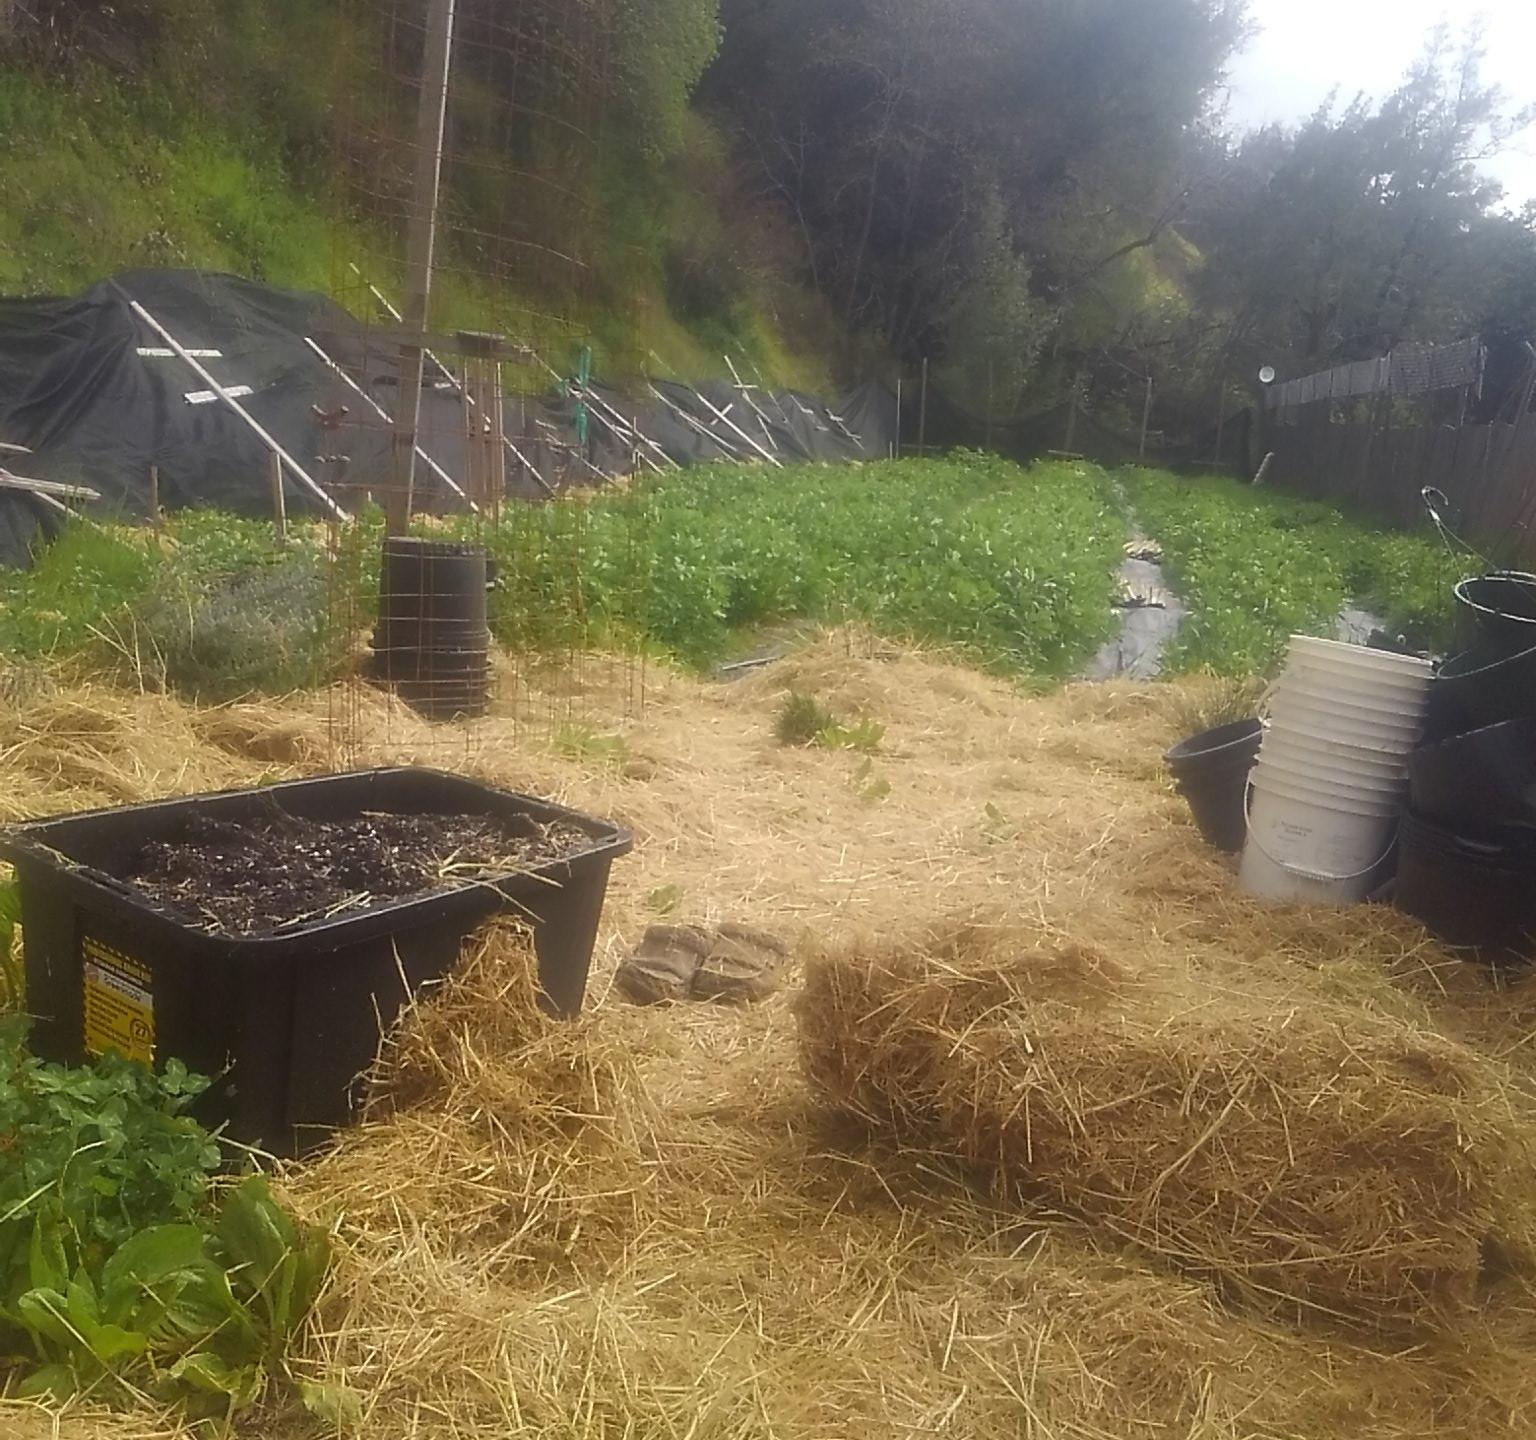 A look at this Garberville cannabis farm